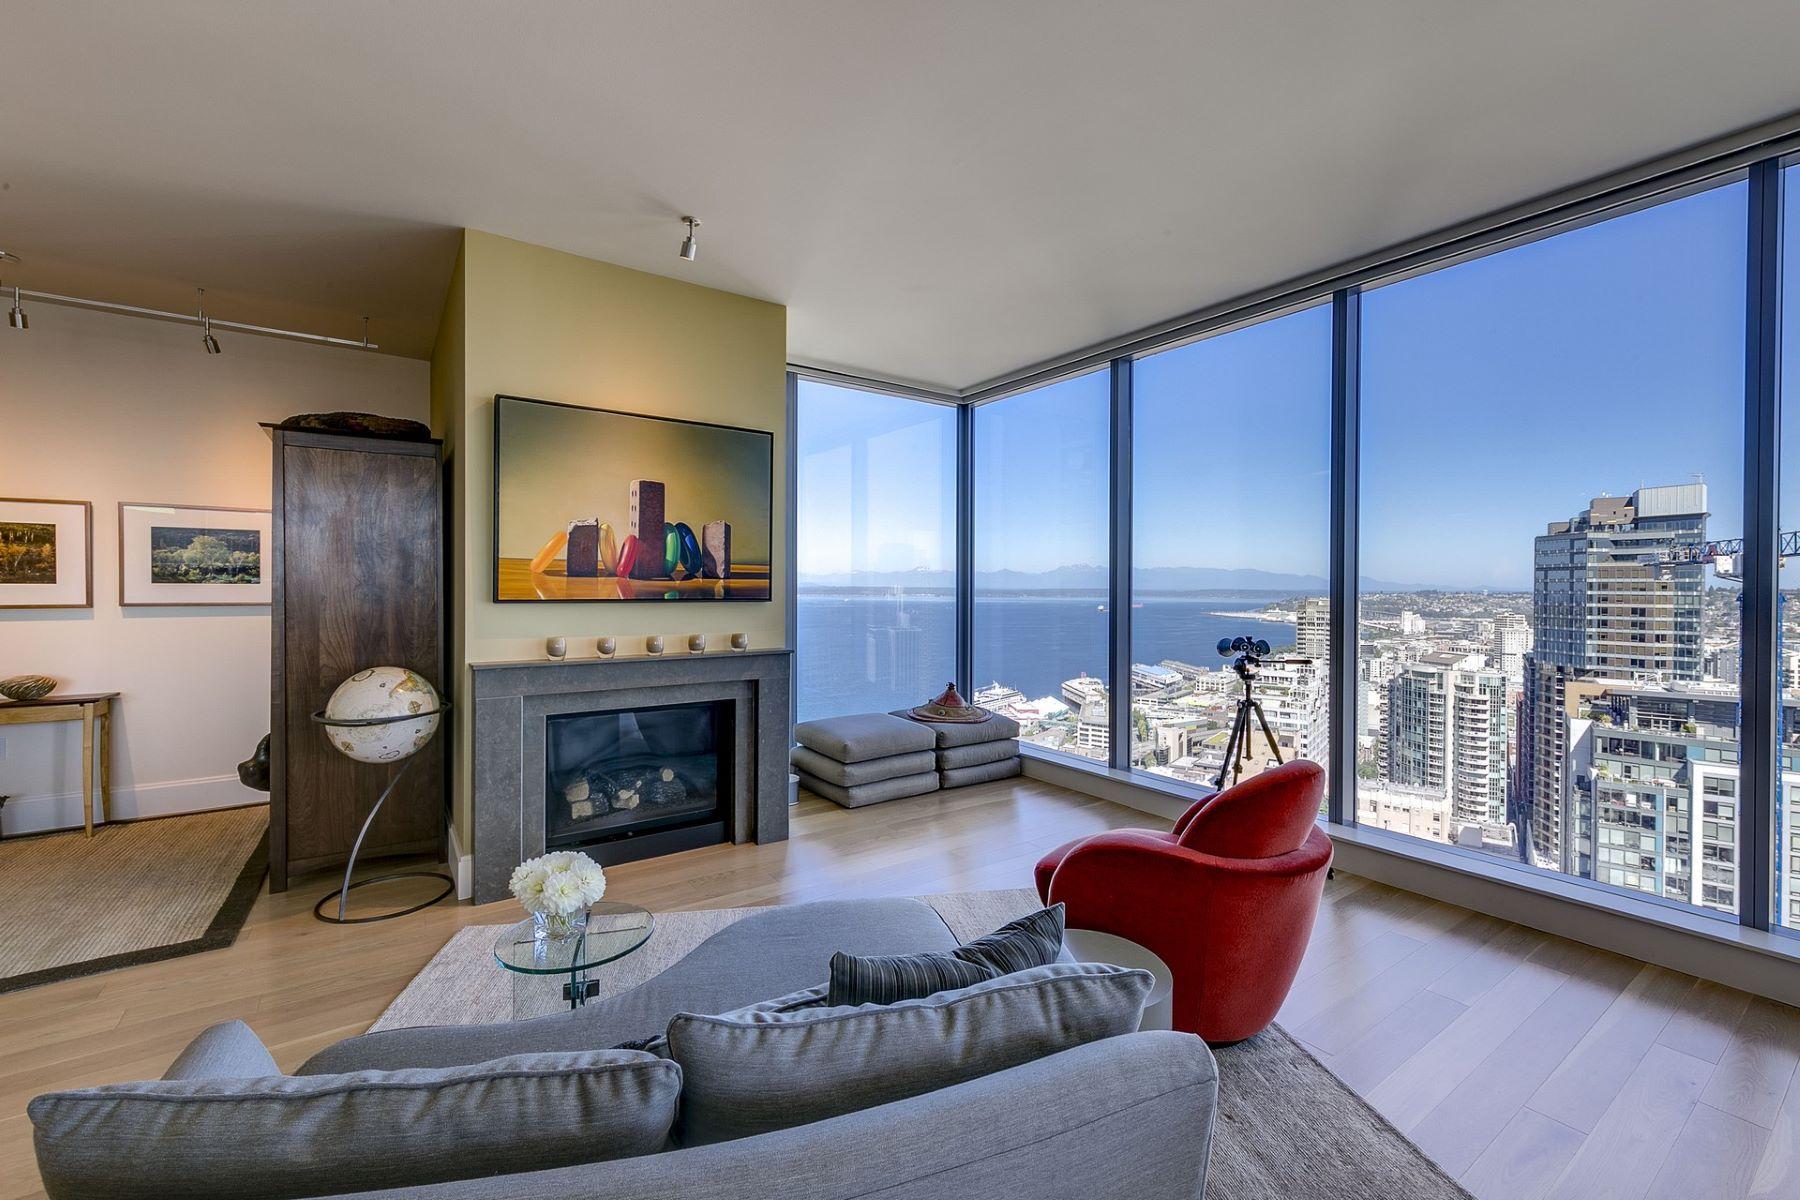 共管式独立产权公寓 为 销售 在 1521 2nd Ave 3301, Seattle 1521 2nd Ave 3301 西雅图, 华盛顿州 98101 美国